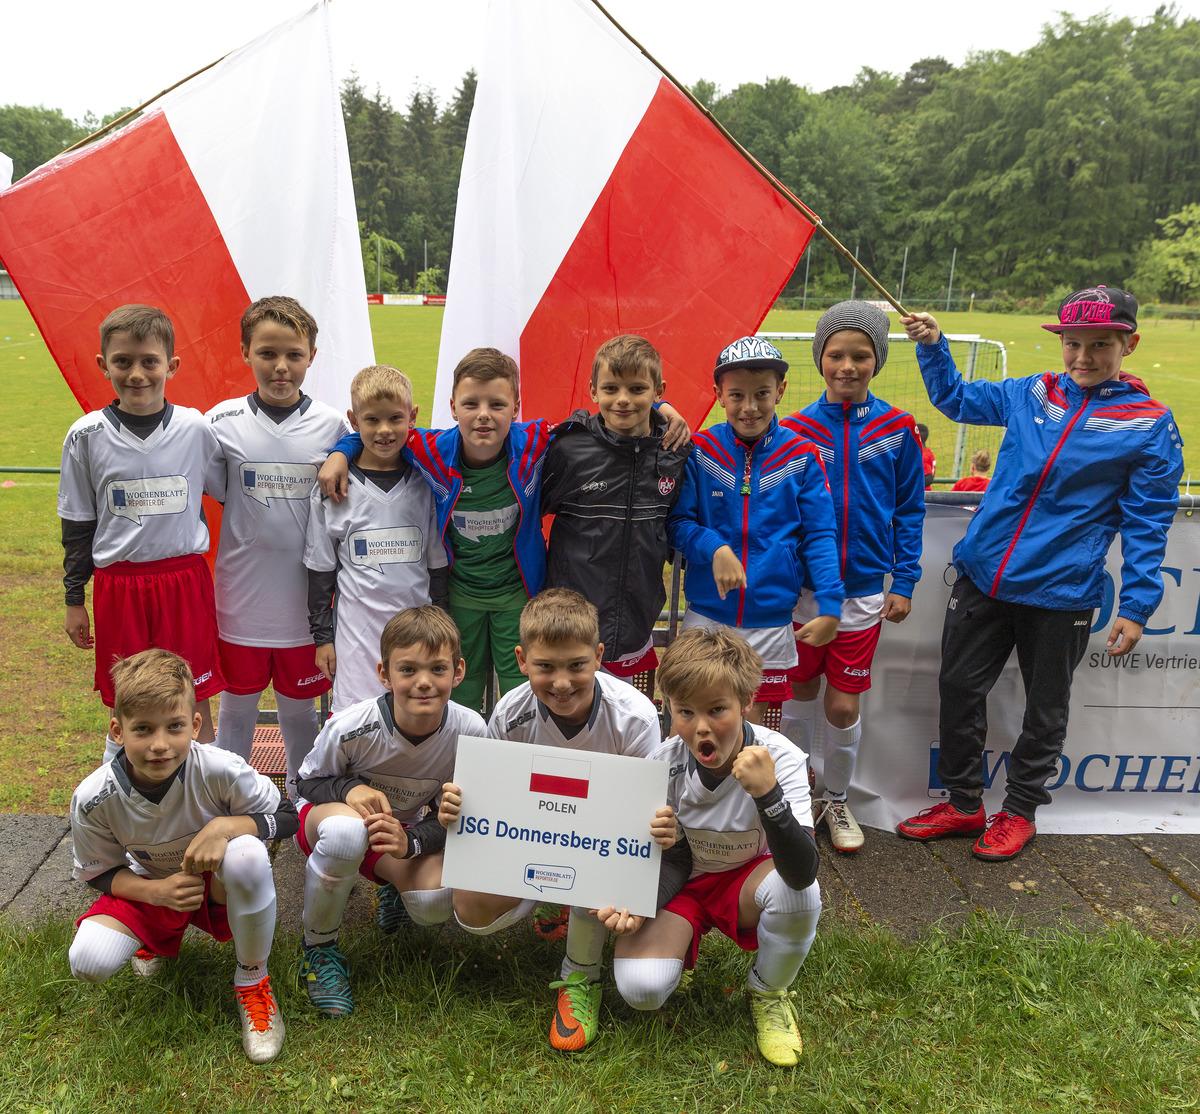 Die JSG Donnersberg Süd trat in den Trikots von Polen an.